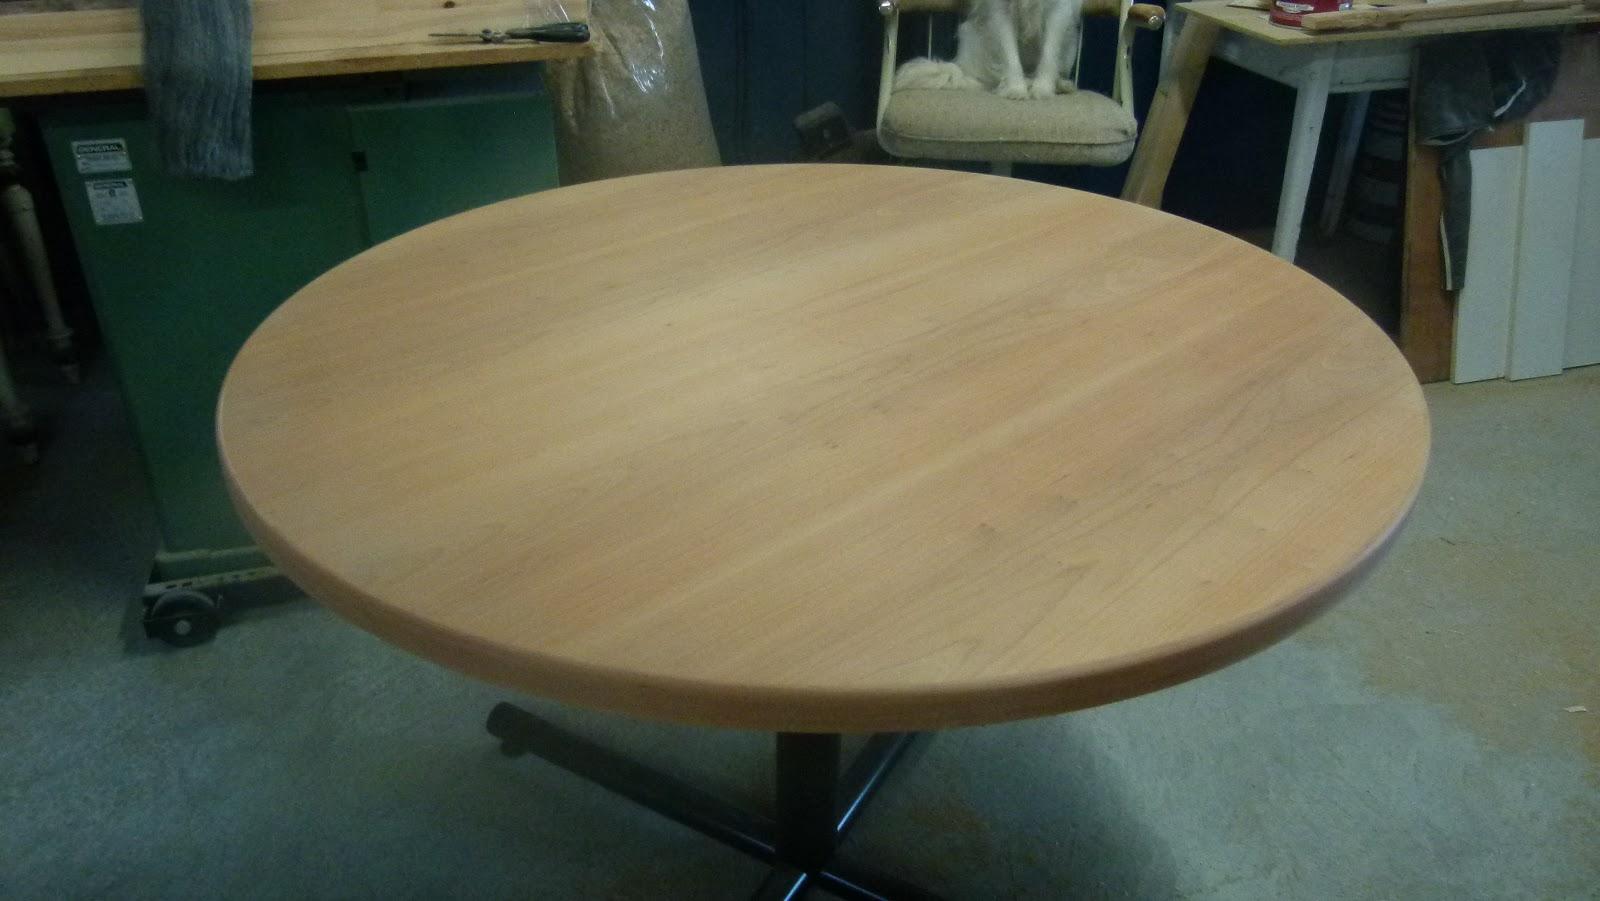 B nisterie julie restauration d 39 une table en cerisier - Restauration d une table en bois ...